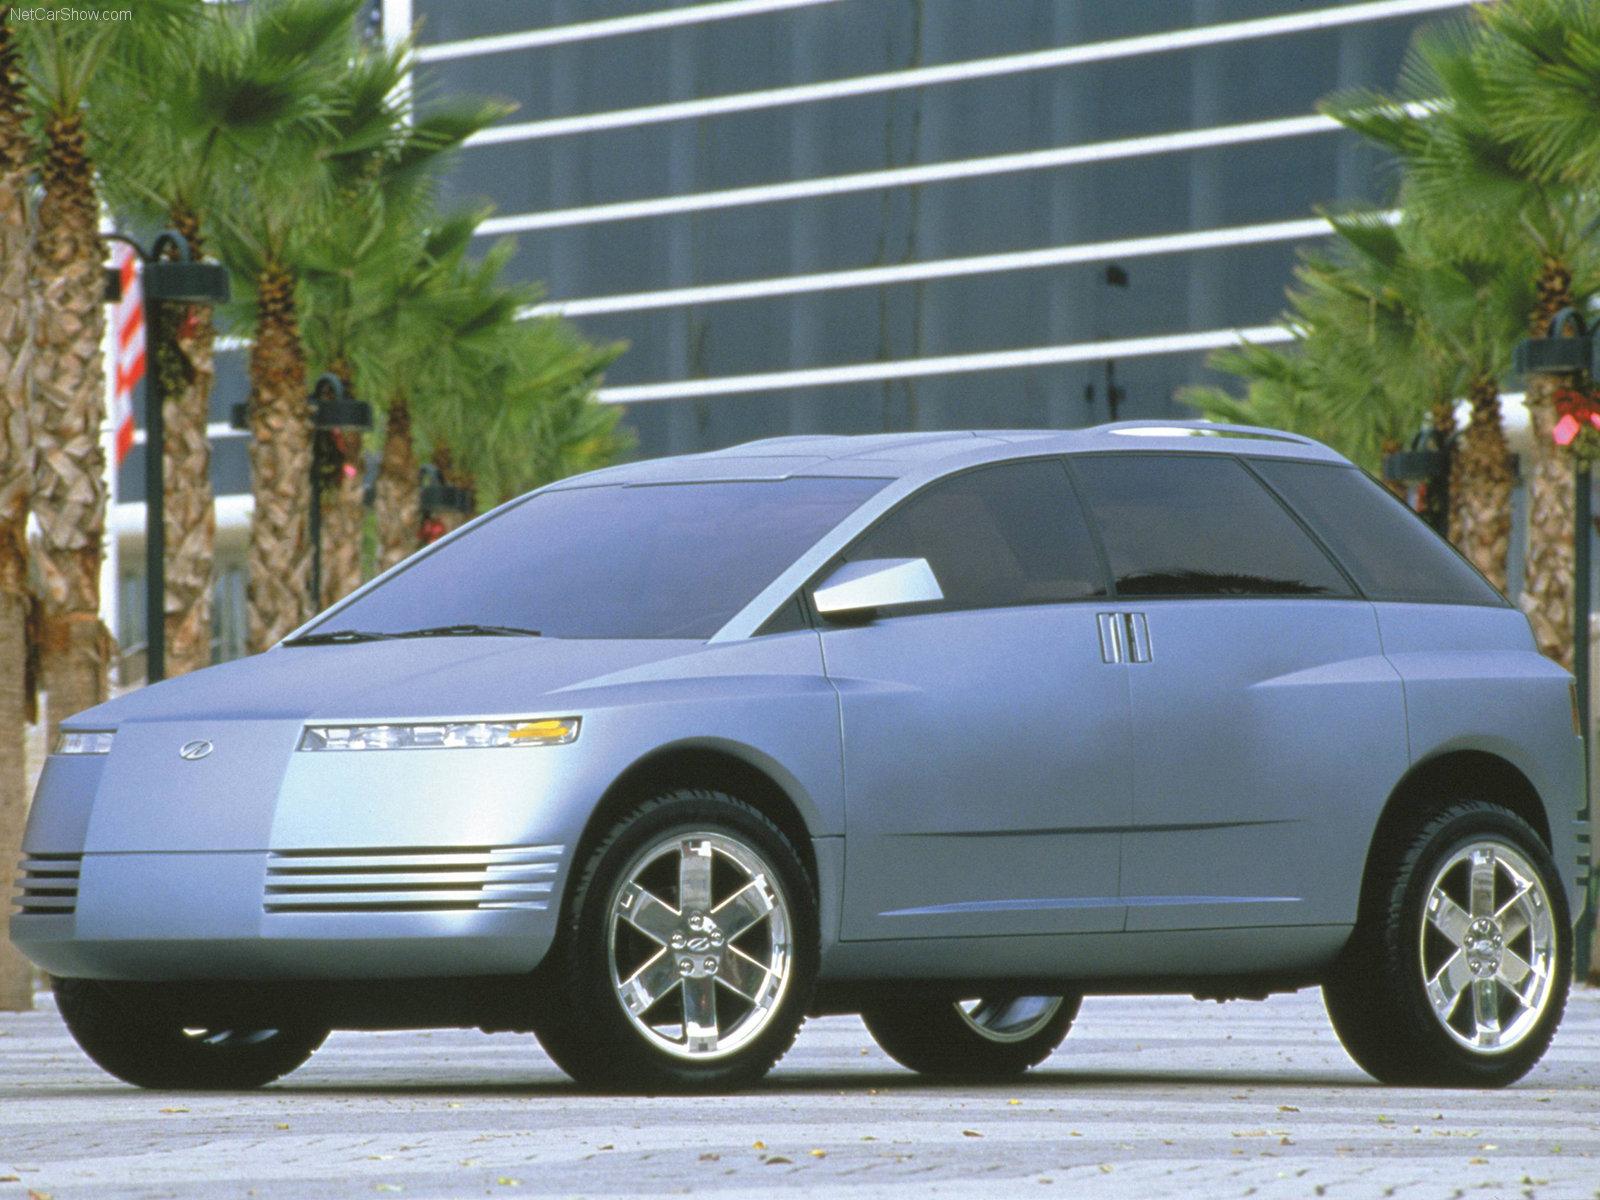 Hình ảnh xe ô tô Oldsmobile Recon Concept 1999 & nội ngoại thất